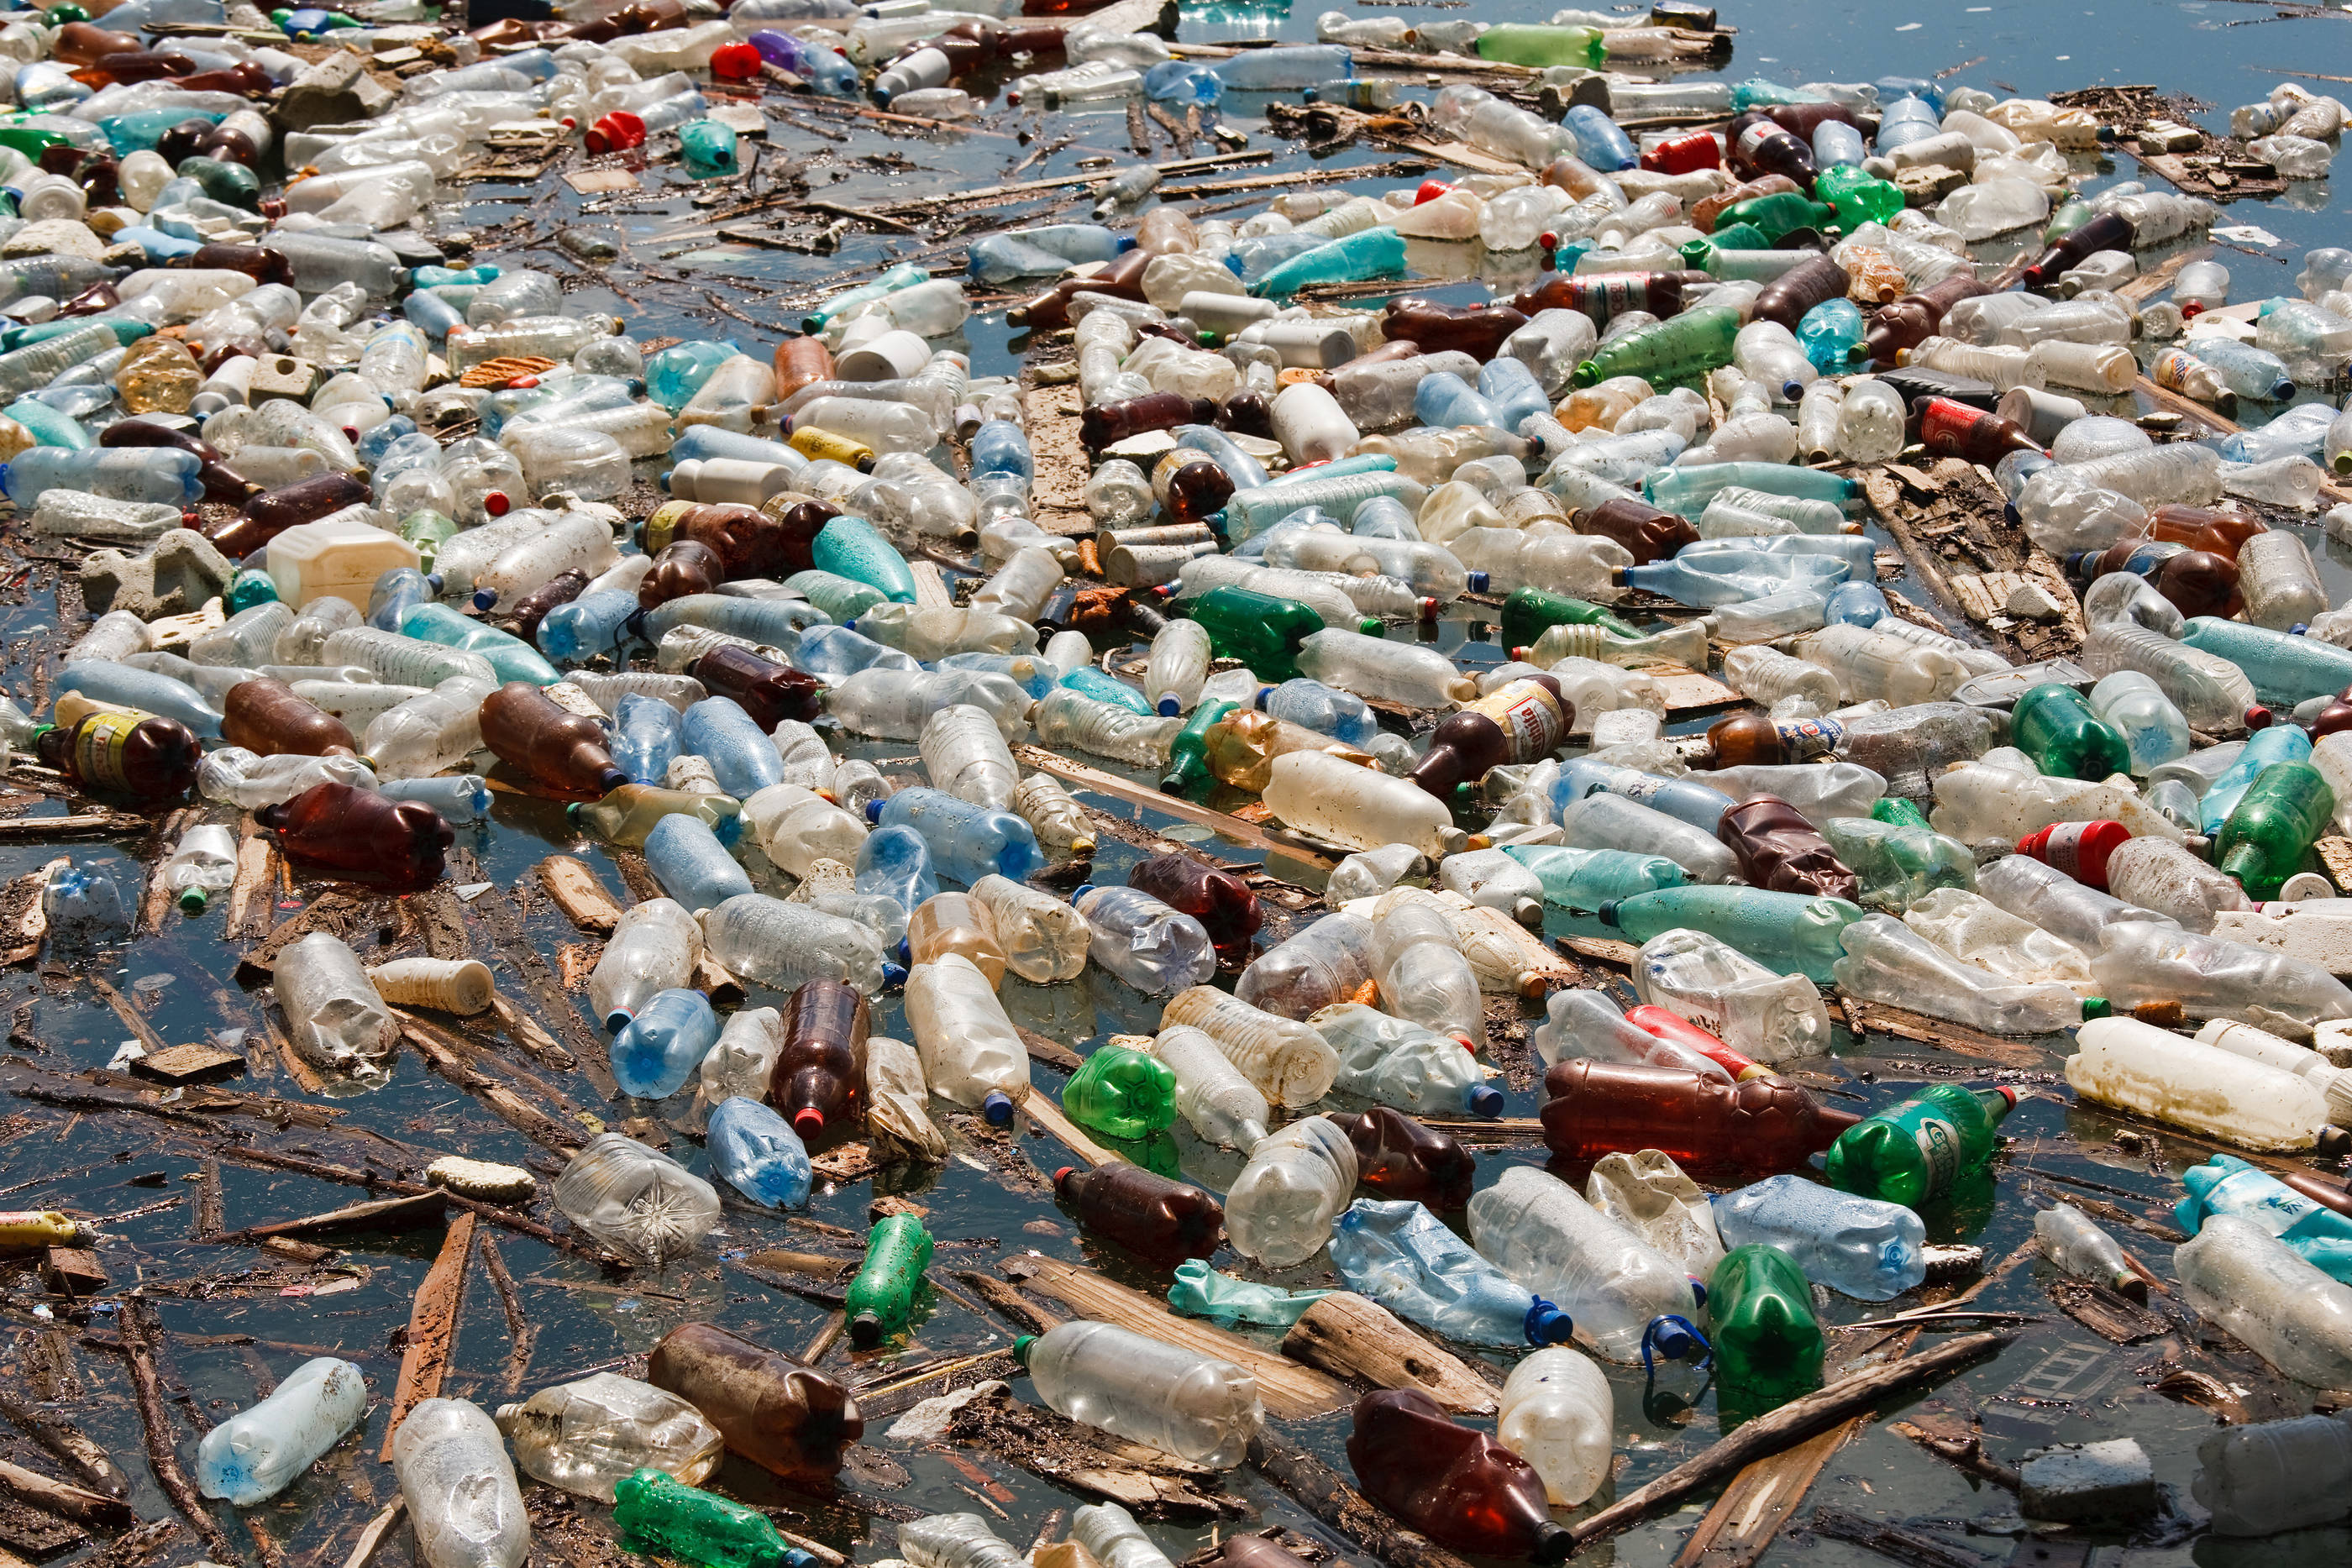 ed93f028494f6b430497_bigstock-Plastic-Bottle-Pollution-3612321.jpg